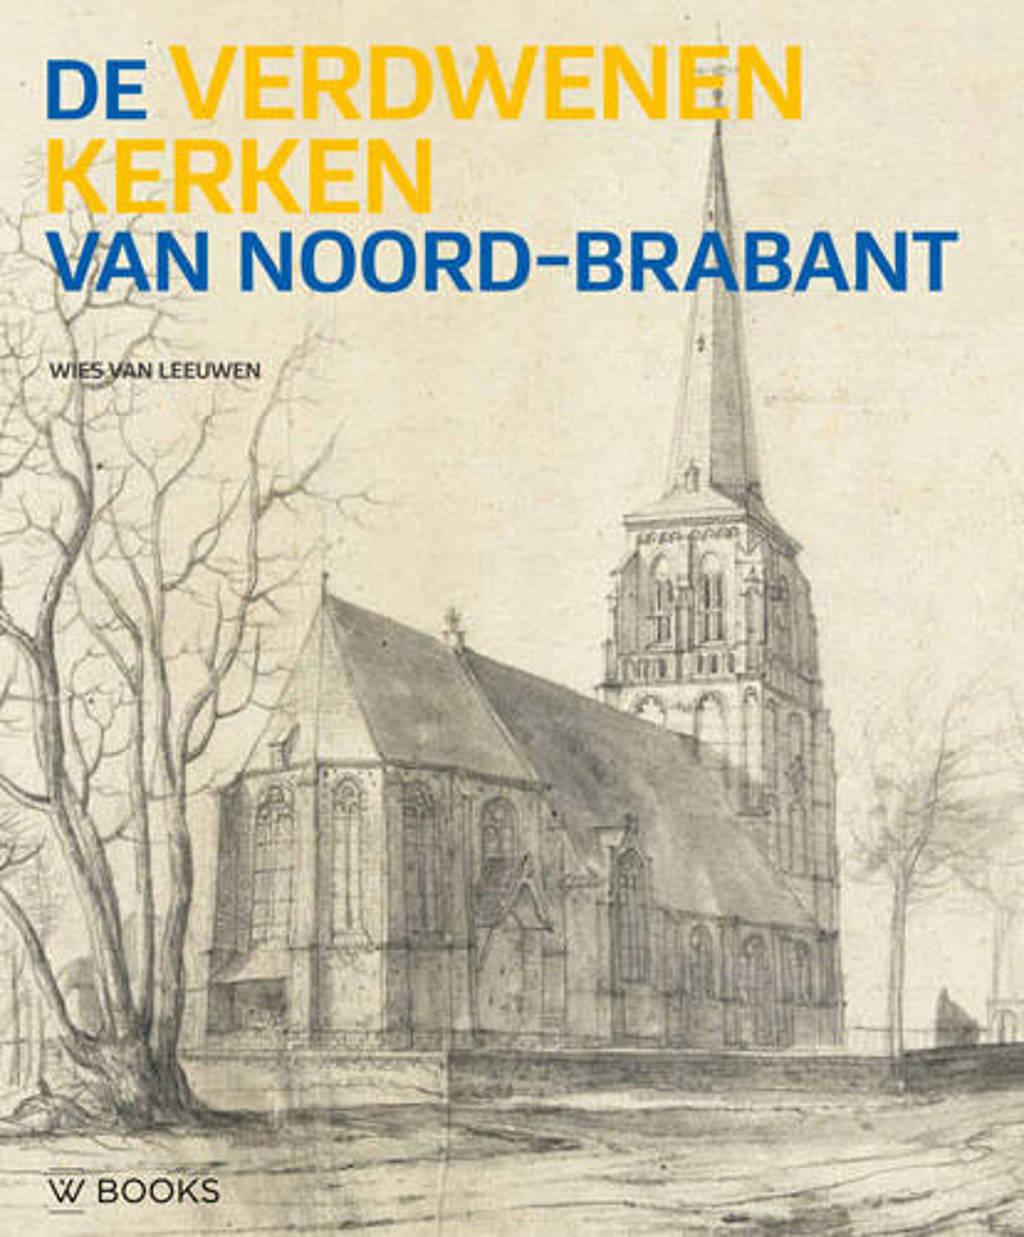 De verdwenen kerken van Noord-Brabant - Wies van Leeuwen